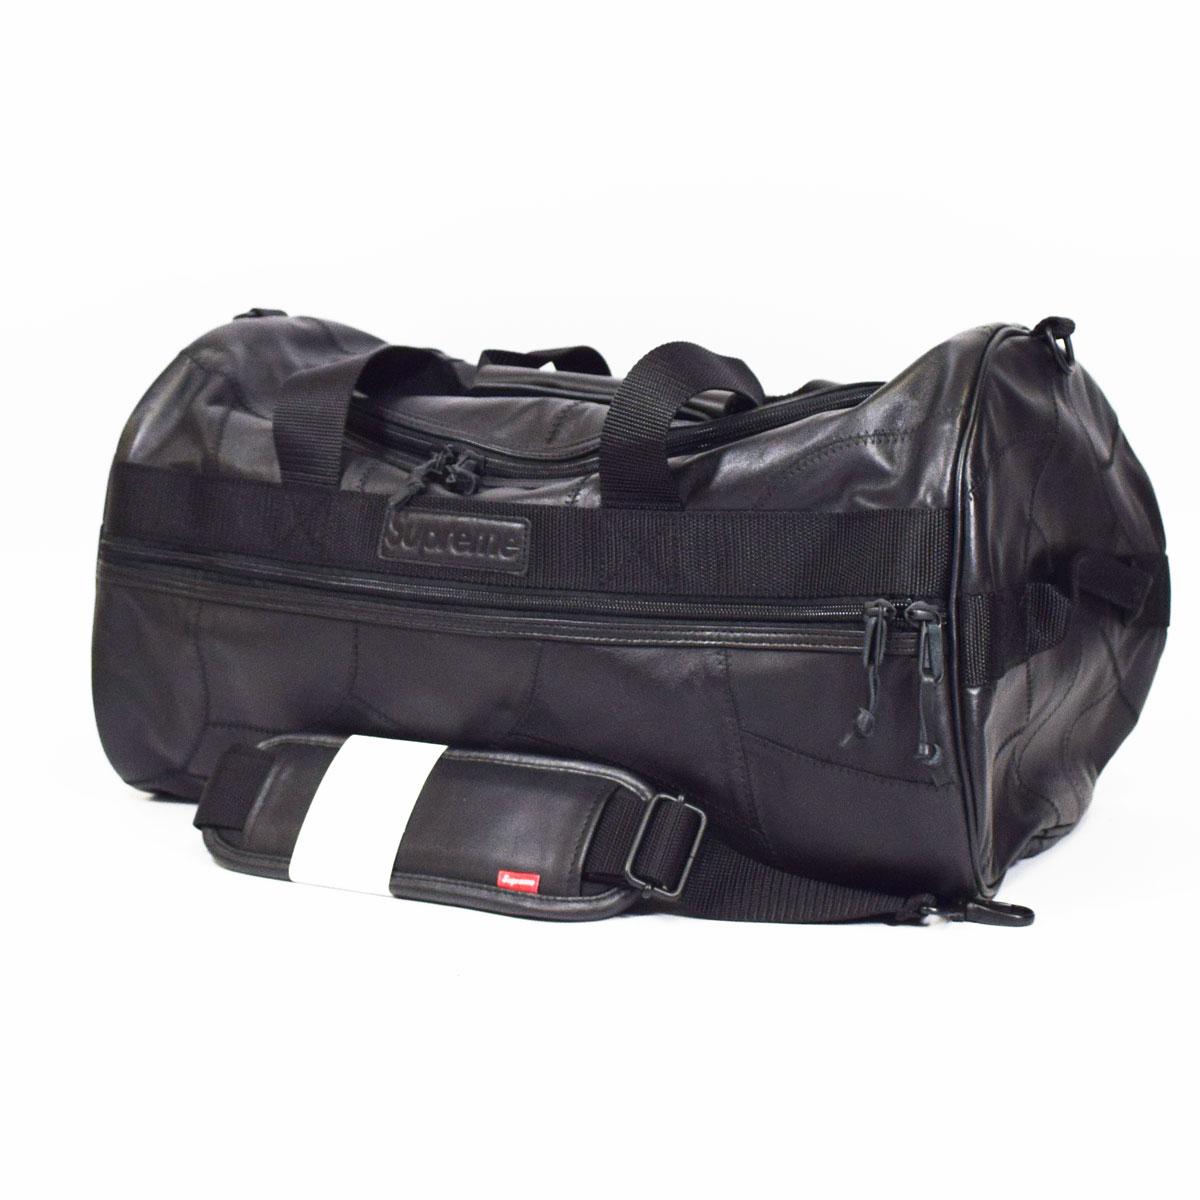 【新品】Supreme シュプリーム パッチワーク レザー ダッフルバック 黒 Patchwork Leather Duffle Bag 【送料無料】【代引き手数料無料】ブラック ボストンバッグ AW19 31821124